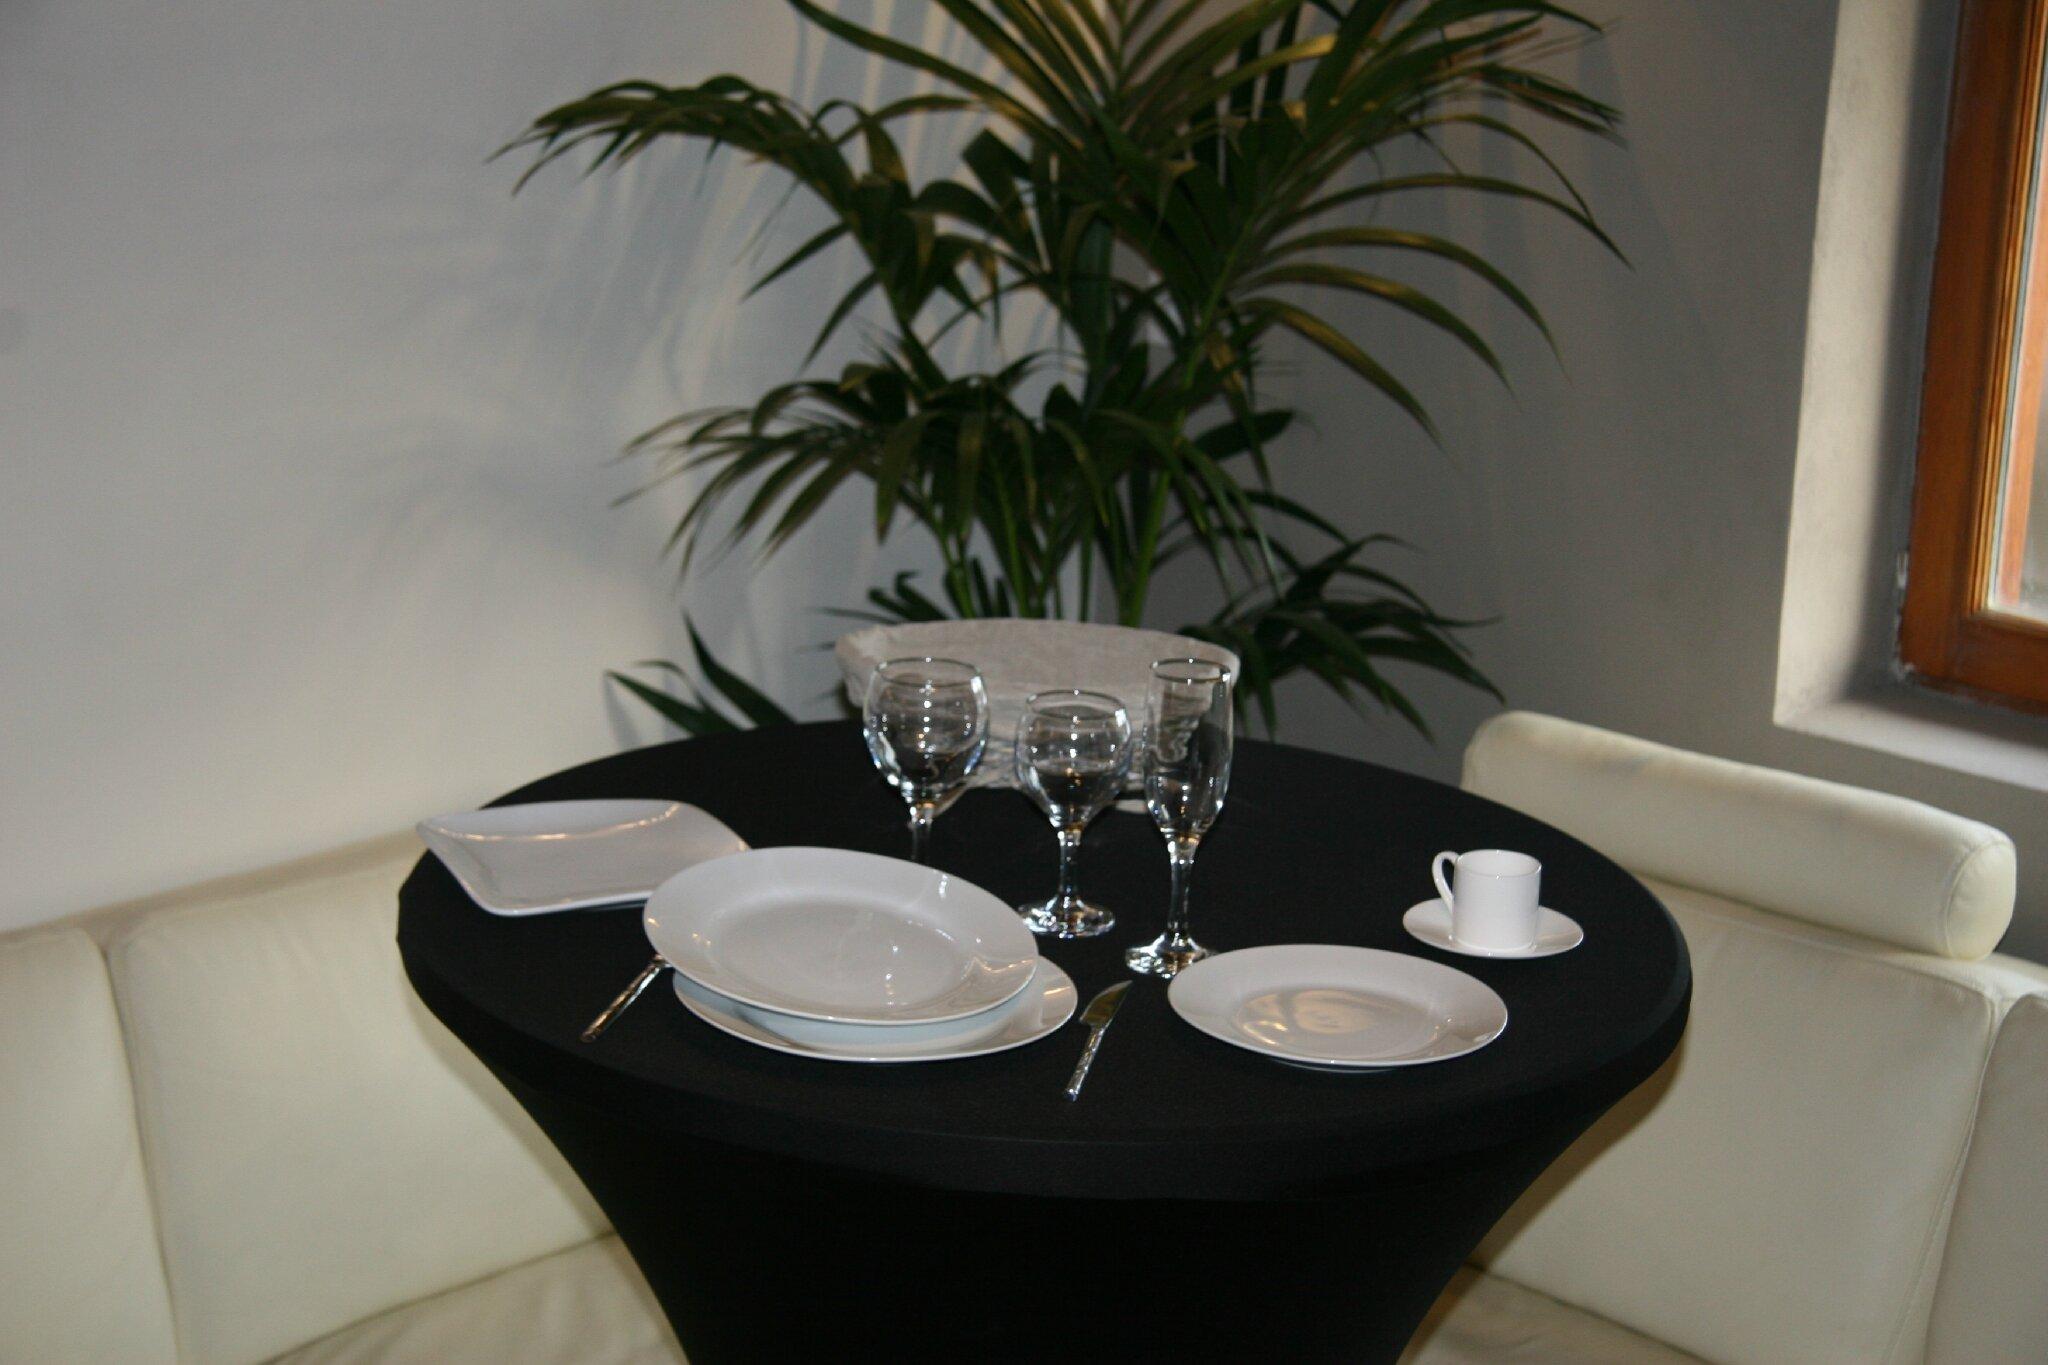 alsace vaisselle location vaisselle mobilier et nappage. Black Bedroom Furniture Sets. Home Design Ideas